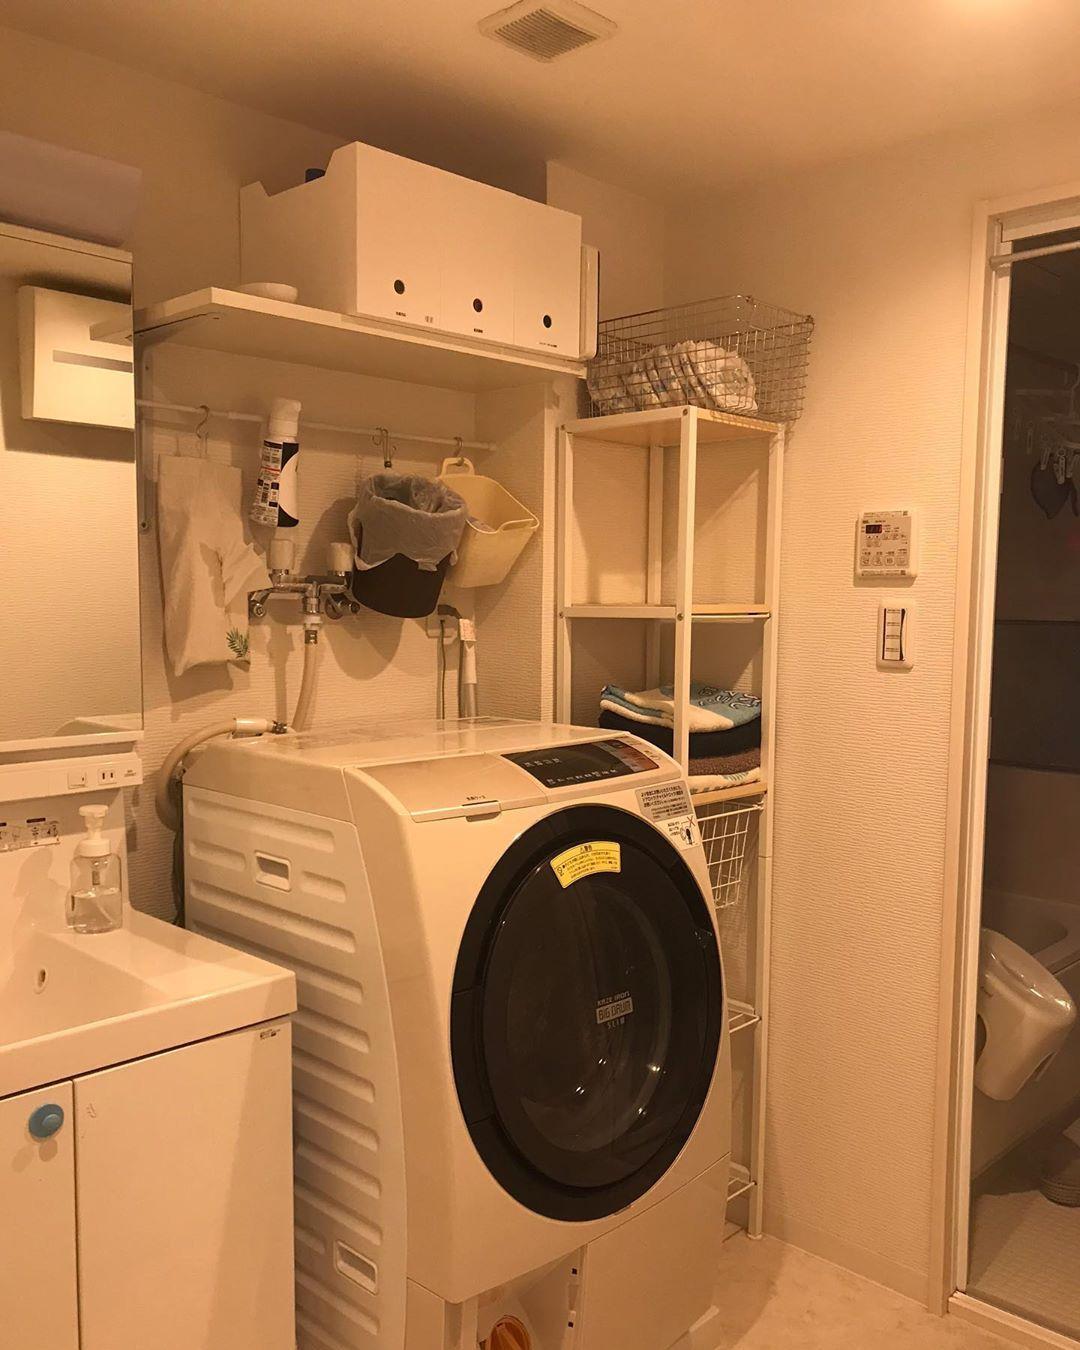 画像に含まれている可能性があるもの 室内 Home Appliances Washer And Dryer Washing Machine